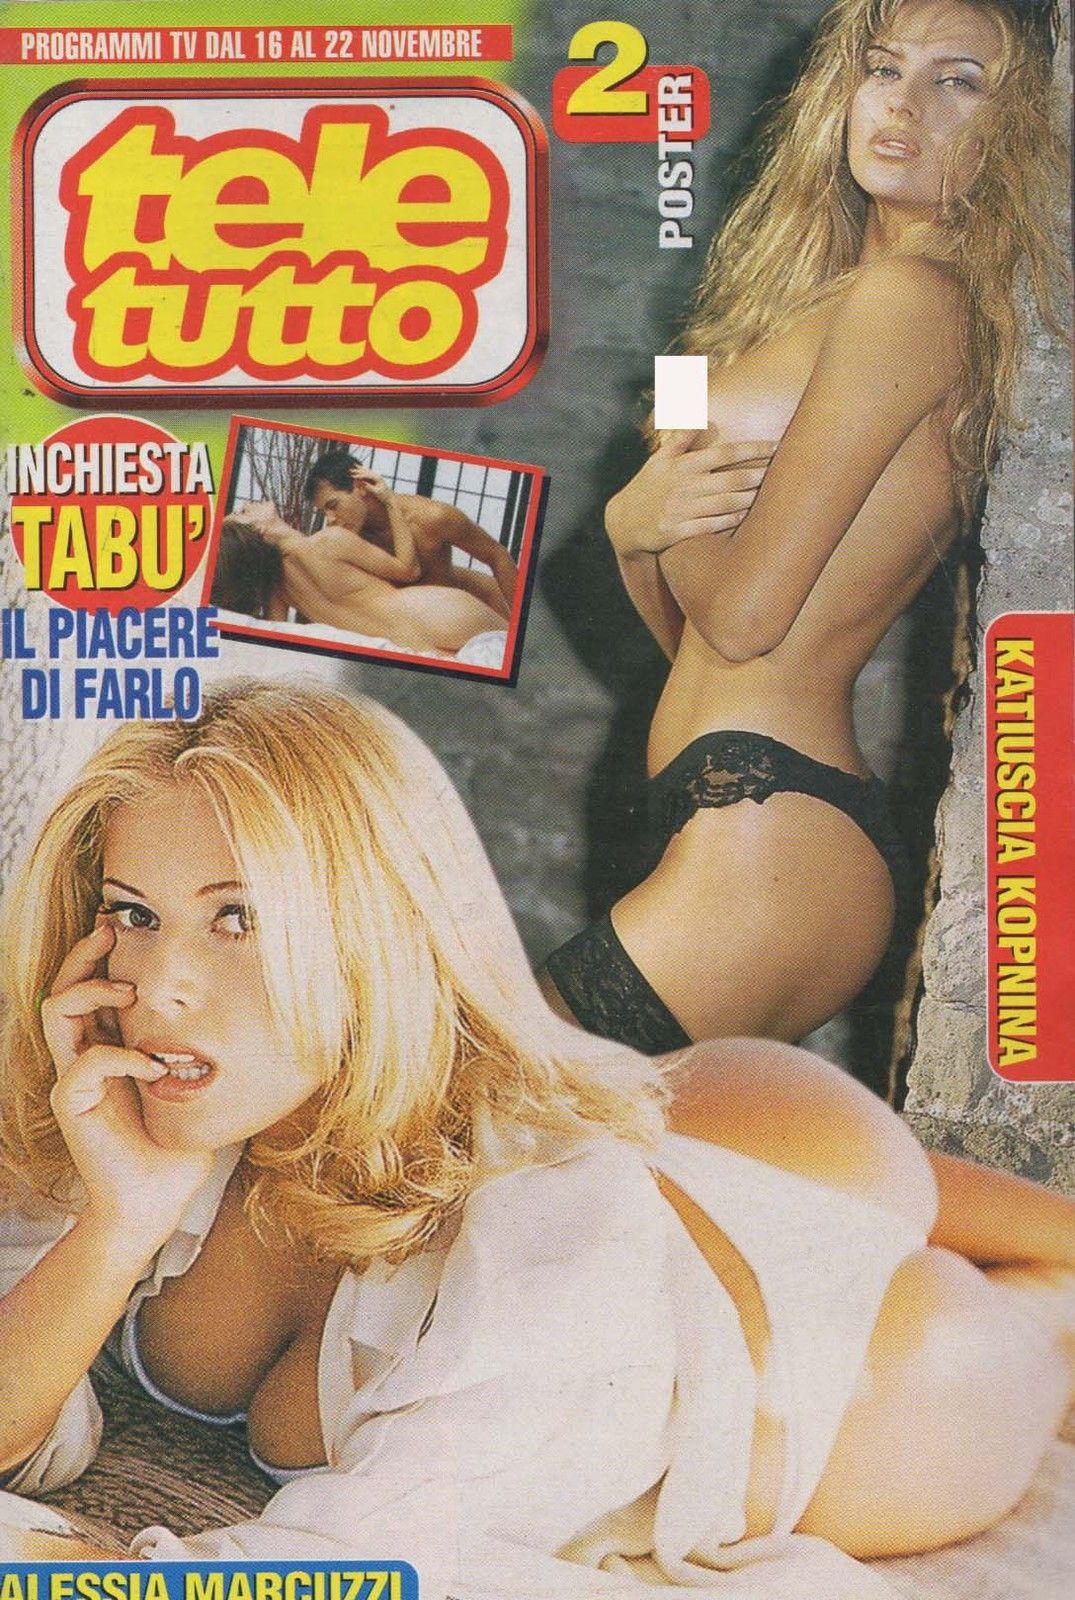 Обложка одного из итальянских журналов, для которых позировала Екатерина